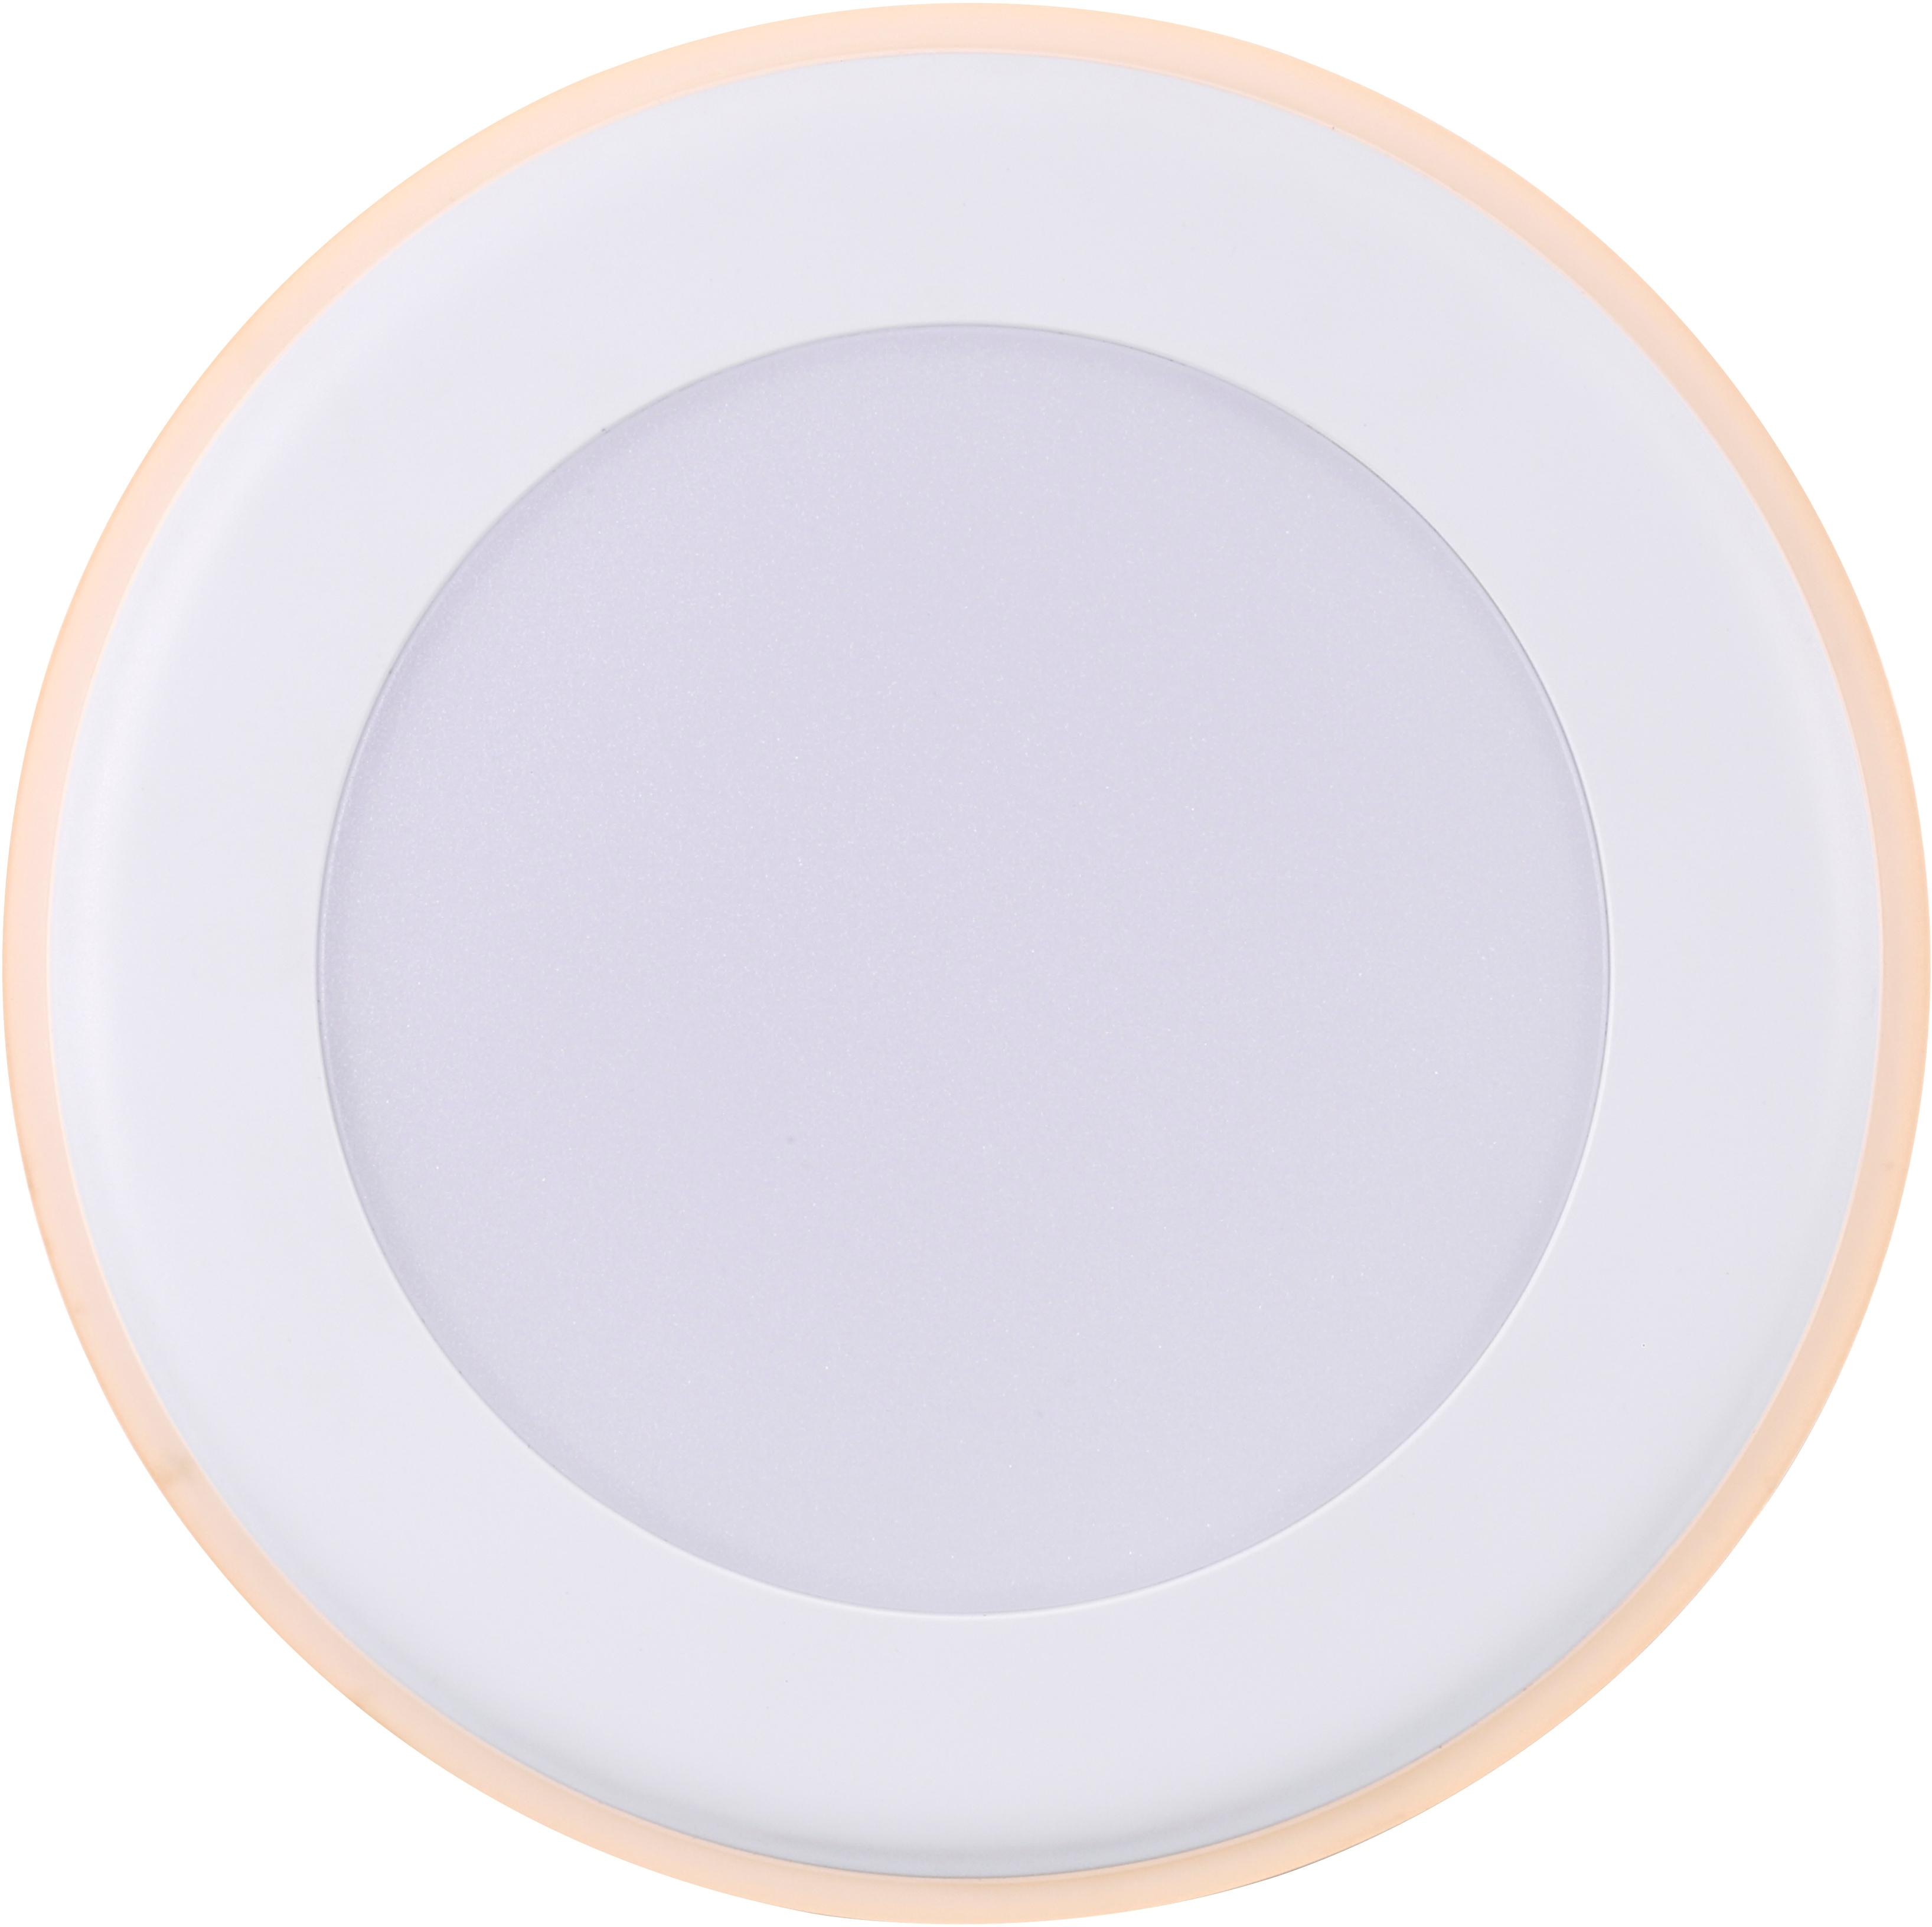 Nordlux LED Einbaustrahler 2er Set Elkton 14, LED-Board, Warmweiß, Einbauleuchte mit integriertem Dimmer